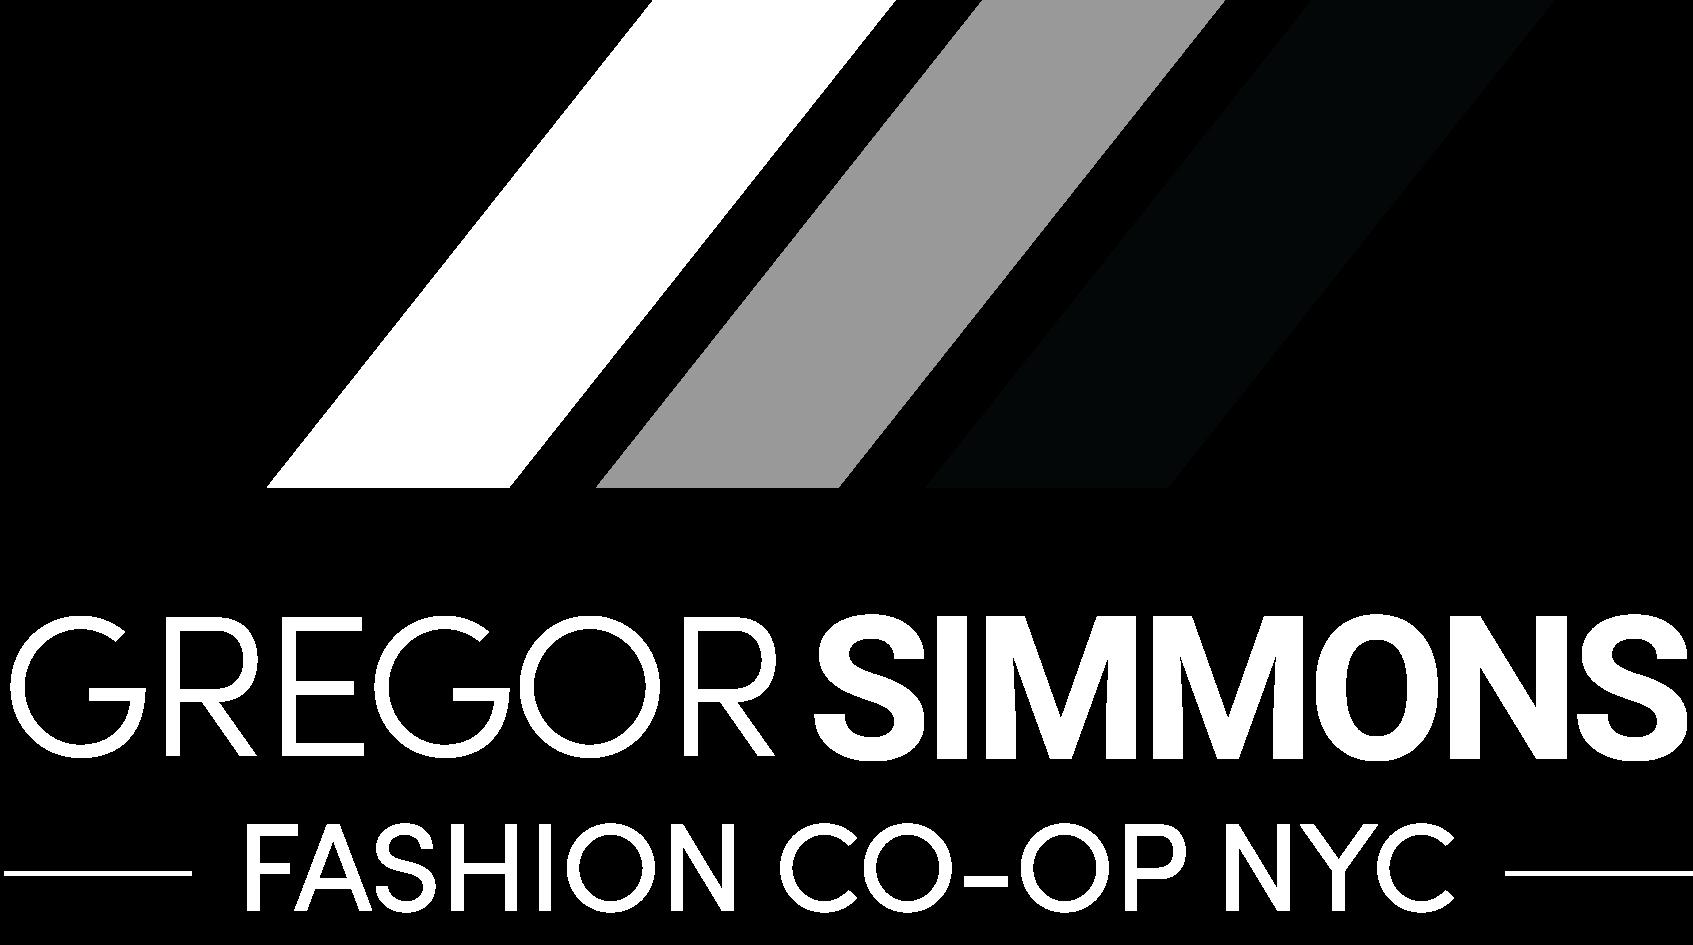 gregorsimmonslogo